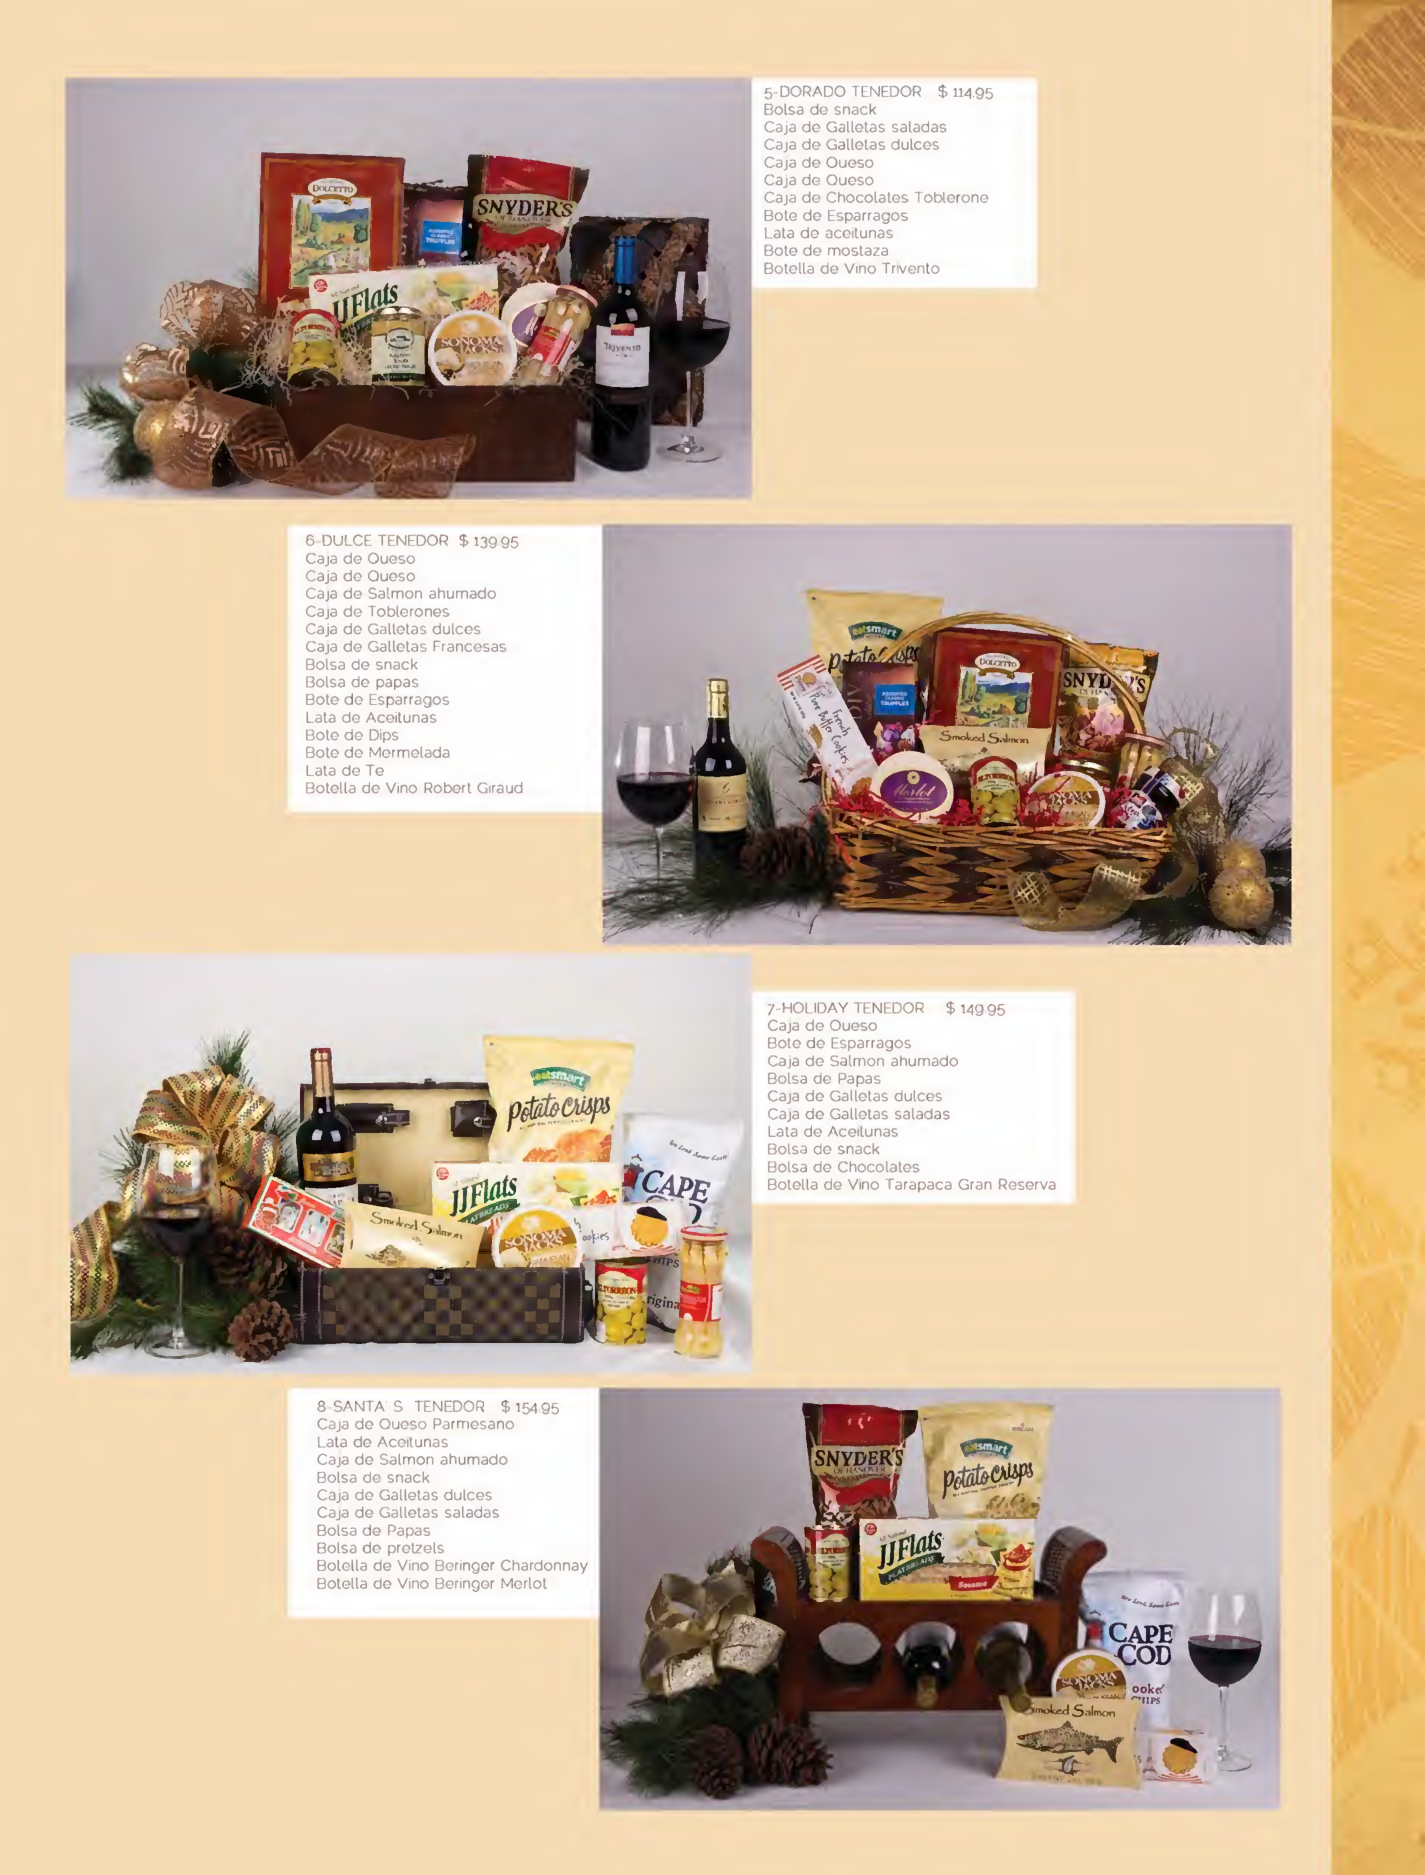 Se or tenedor canastas navide as gourmet page06 for Ofertas tenedor